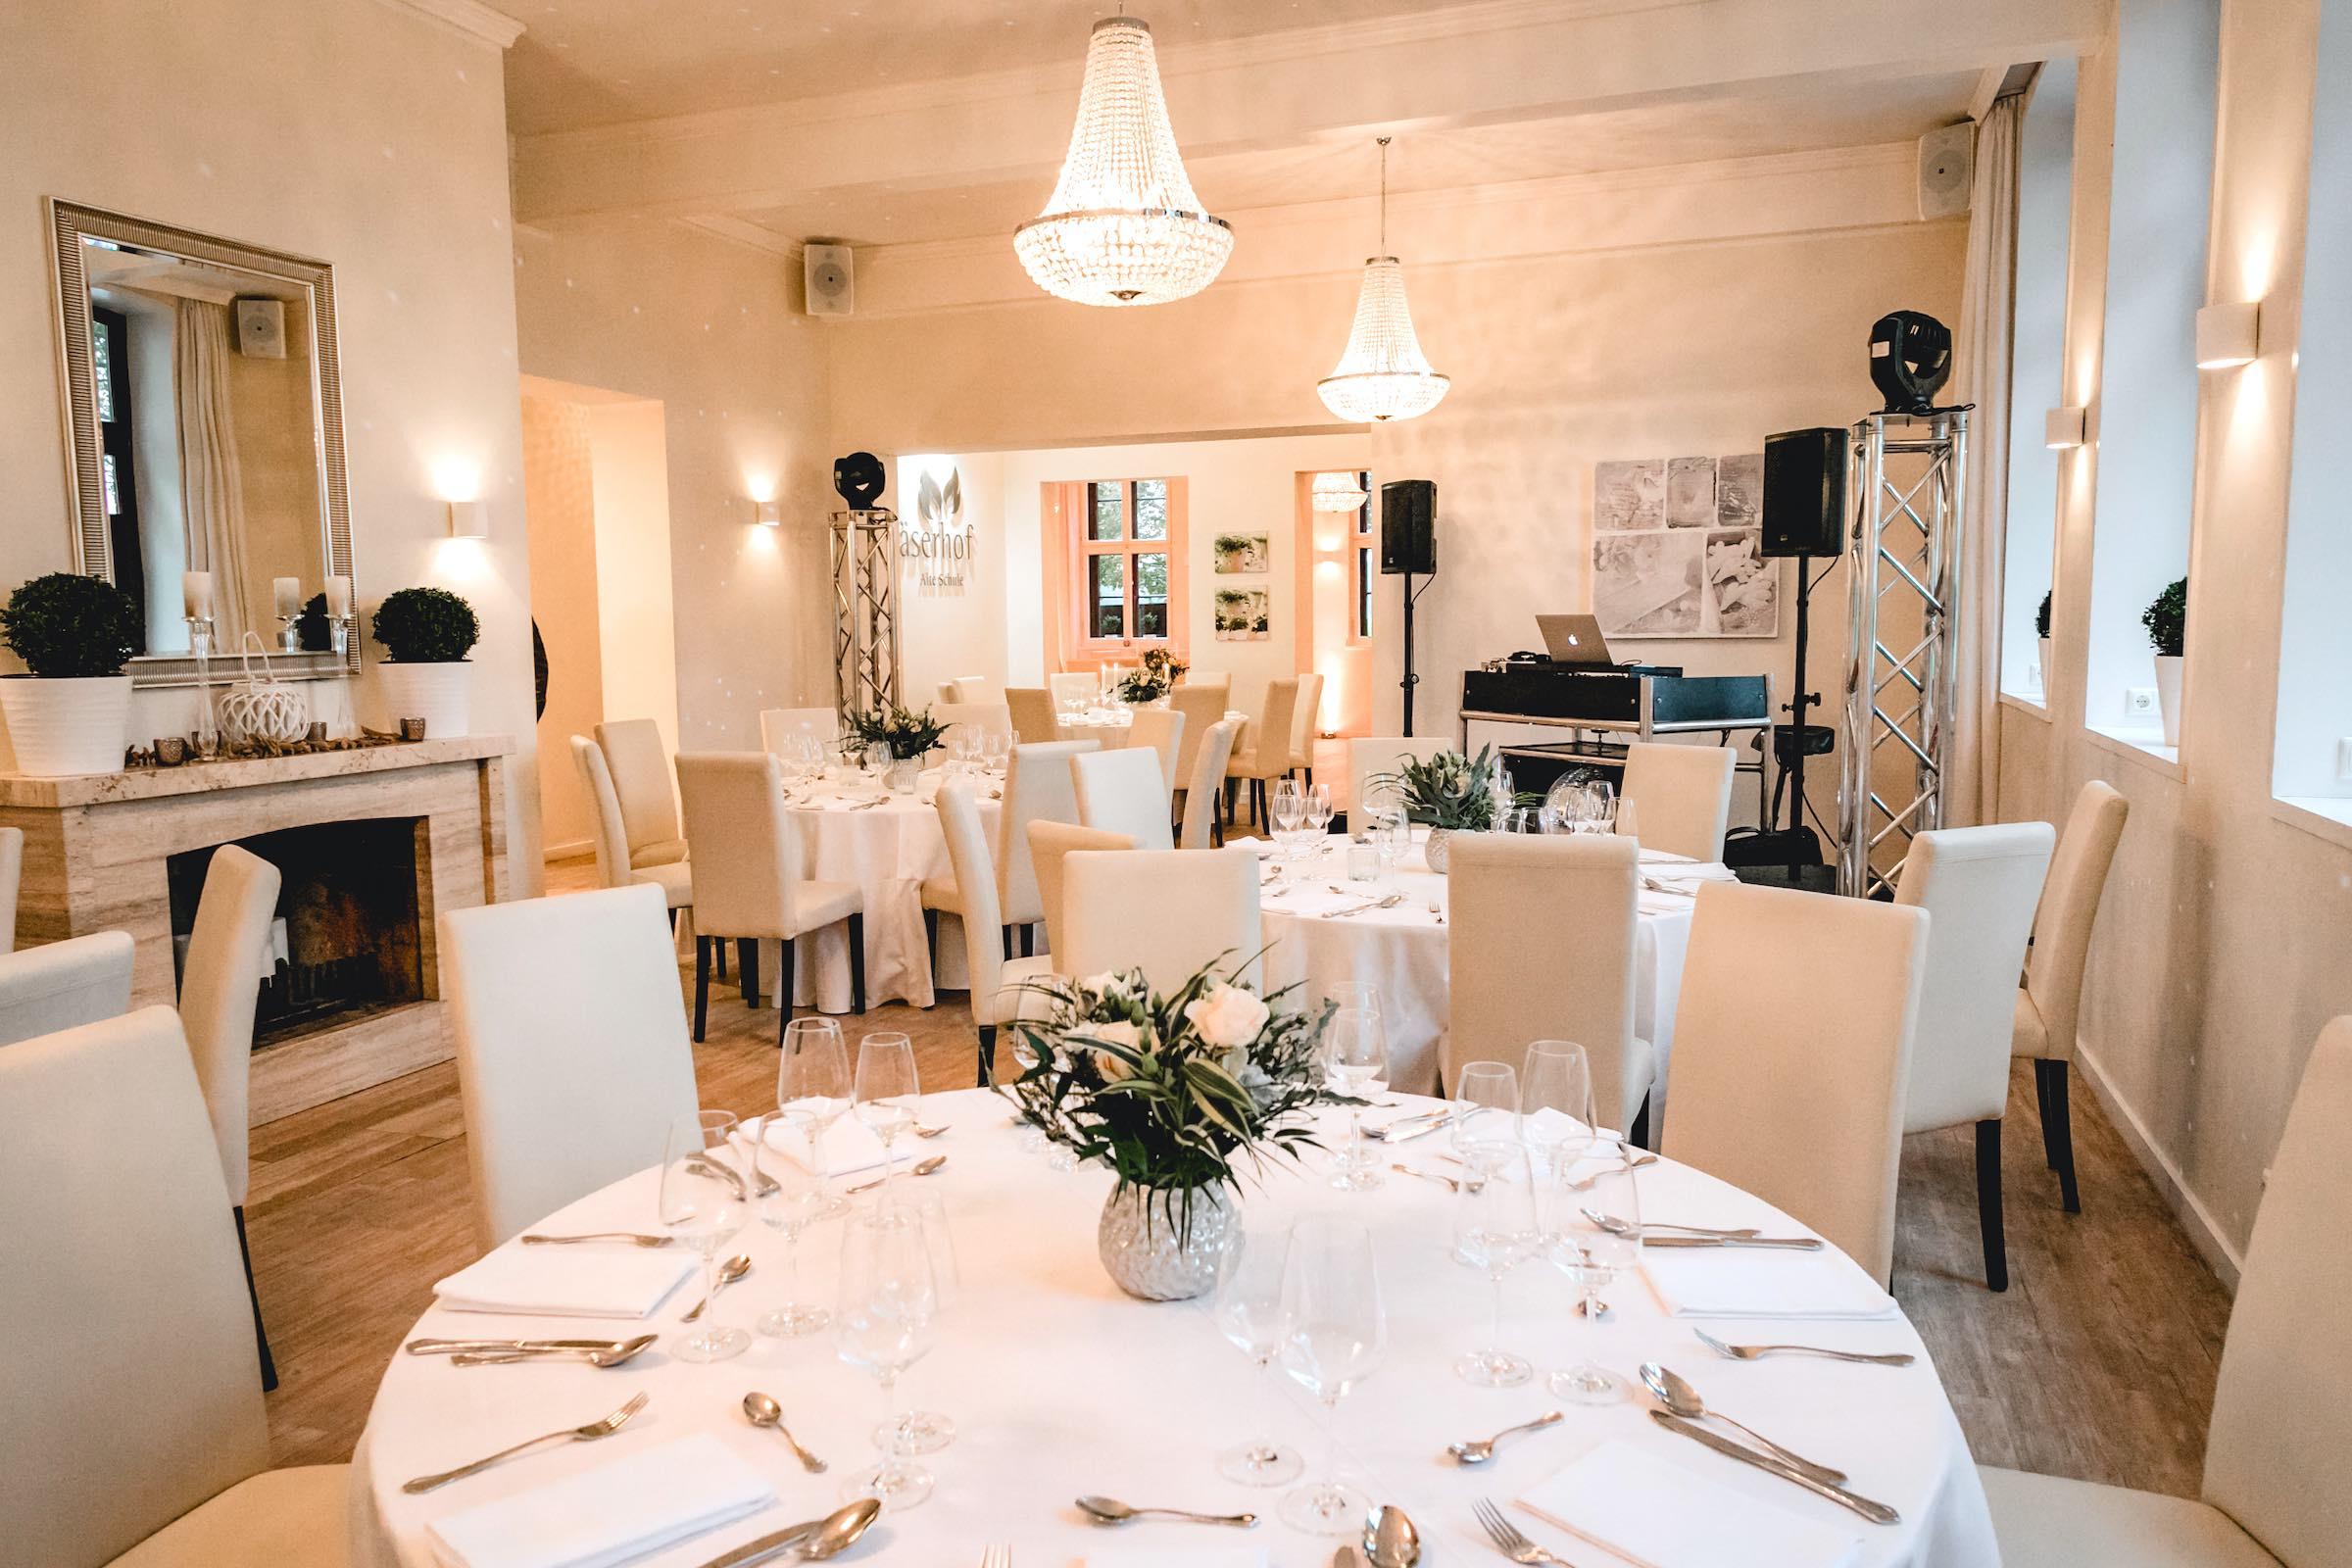 Häserhof | Reddestorf | Location | Referenz | DJ | Fotobox | Fotograf | Raumbeleuchtung | Hochzeit | Mieten | Buchen | Lehmann | Eventservice